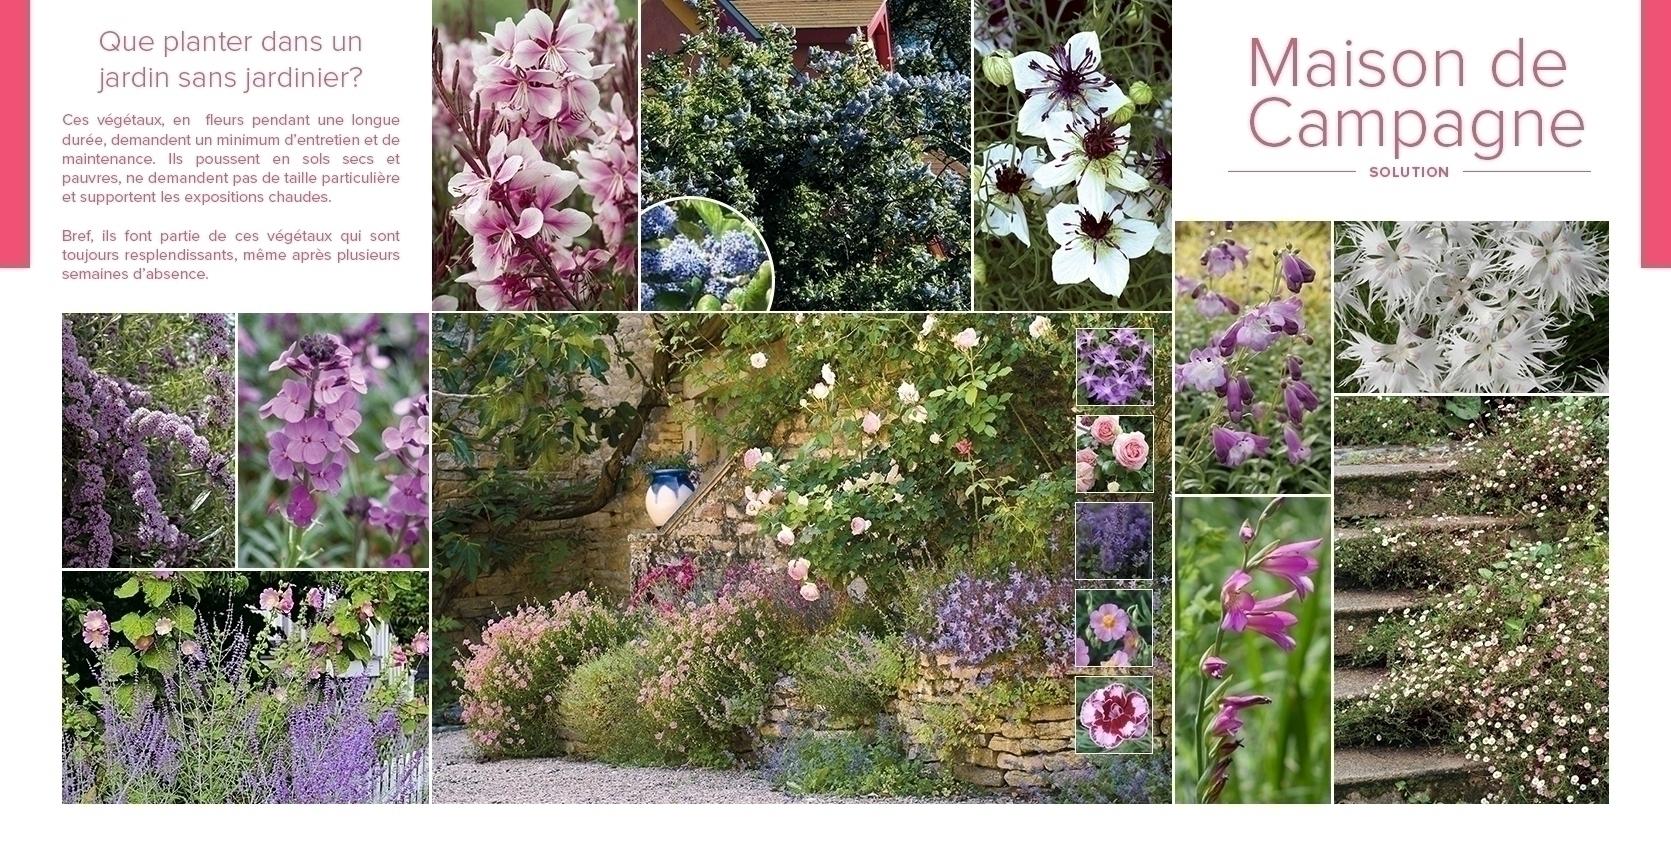 Maison de campagne blog promesse de fleurs for Blog deco maison jardin campagne